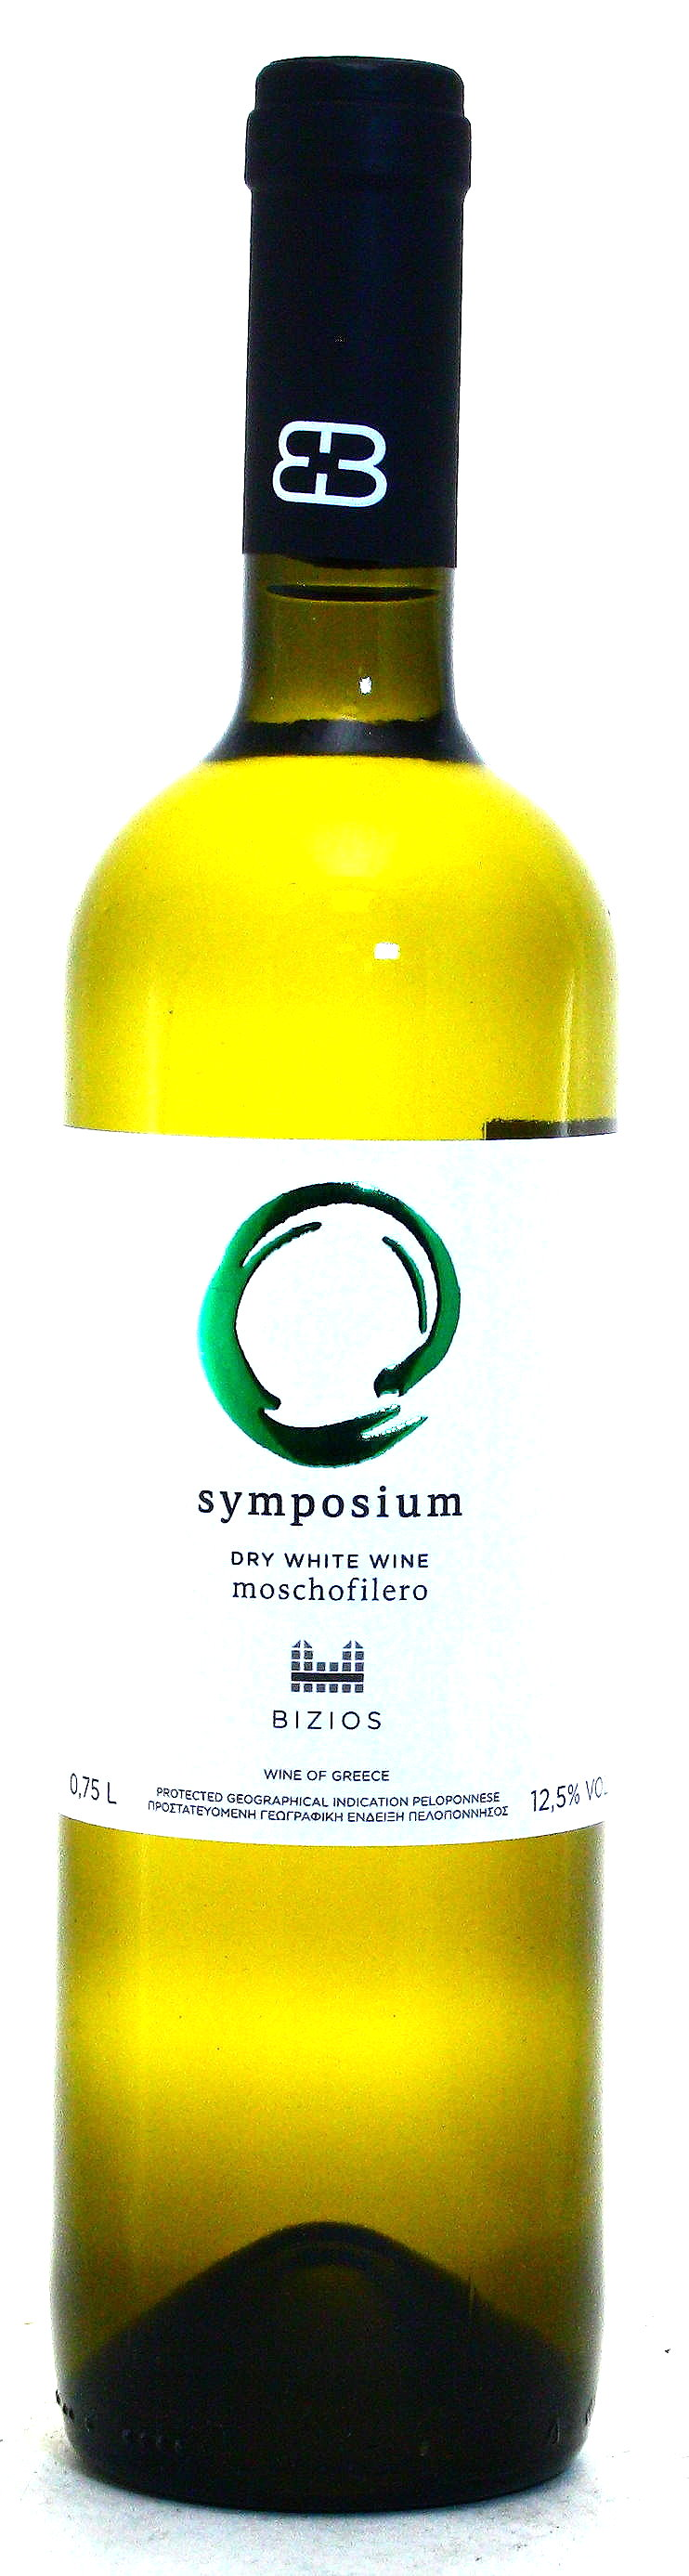 Symposium white,  Weißwein trocken, Griechenland, Bizios Estate